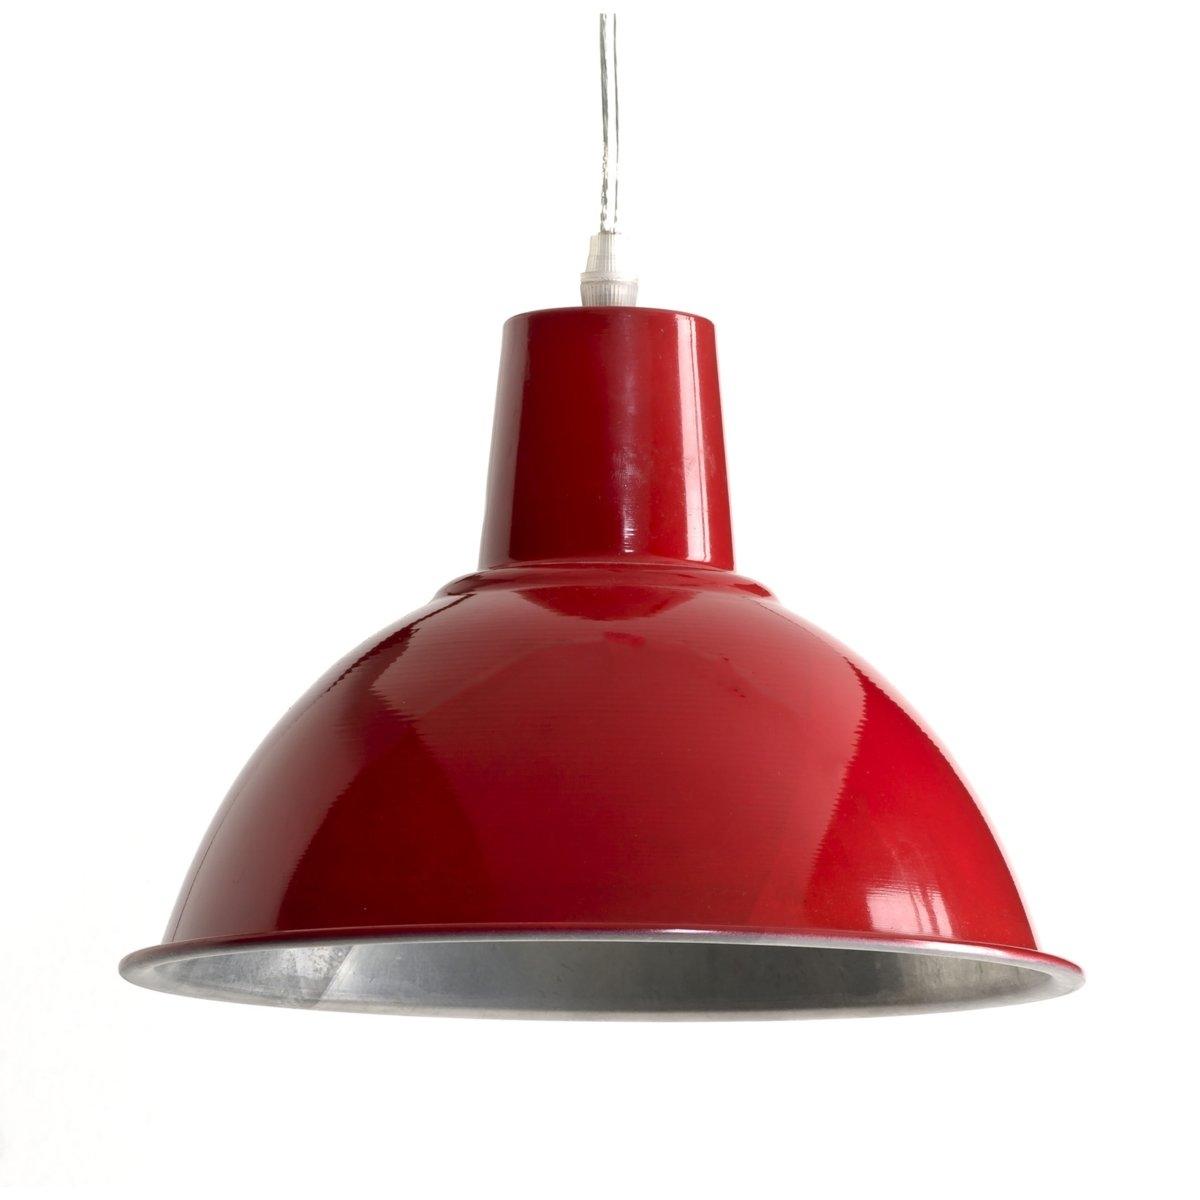 Светильник из металла в индустриальном стиле, LamiОписание светильника  Lami  :Электрифицированный Патрон E27 для флюокомпактной лампочки 15W (не входит в комплект)  .Этот светильник совместим с лампочками    энергетического класса   : AХарактеристики светильника  Lami  :выполнена из металлаВсю коллекцию светильников вы можете найти на сайте laredoute.ru.Размер светильника  Lami  :Диаметр : 25,5 смВысота : 18 см.<br><br>Цвет: красный<br>Размер: единый размер